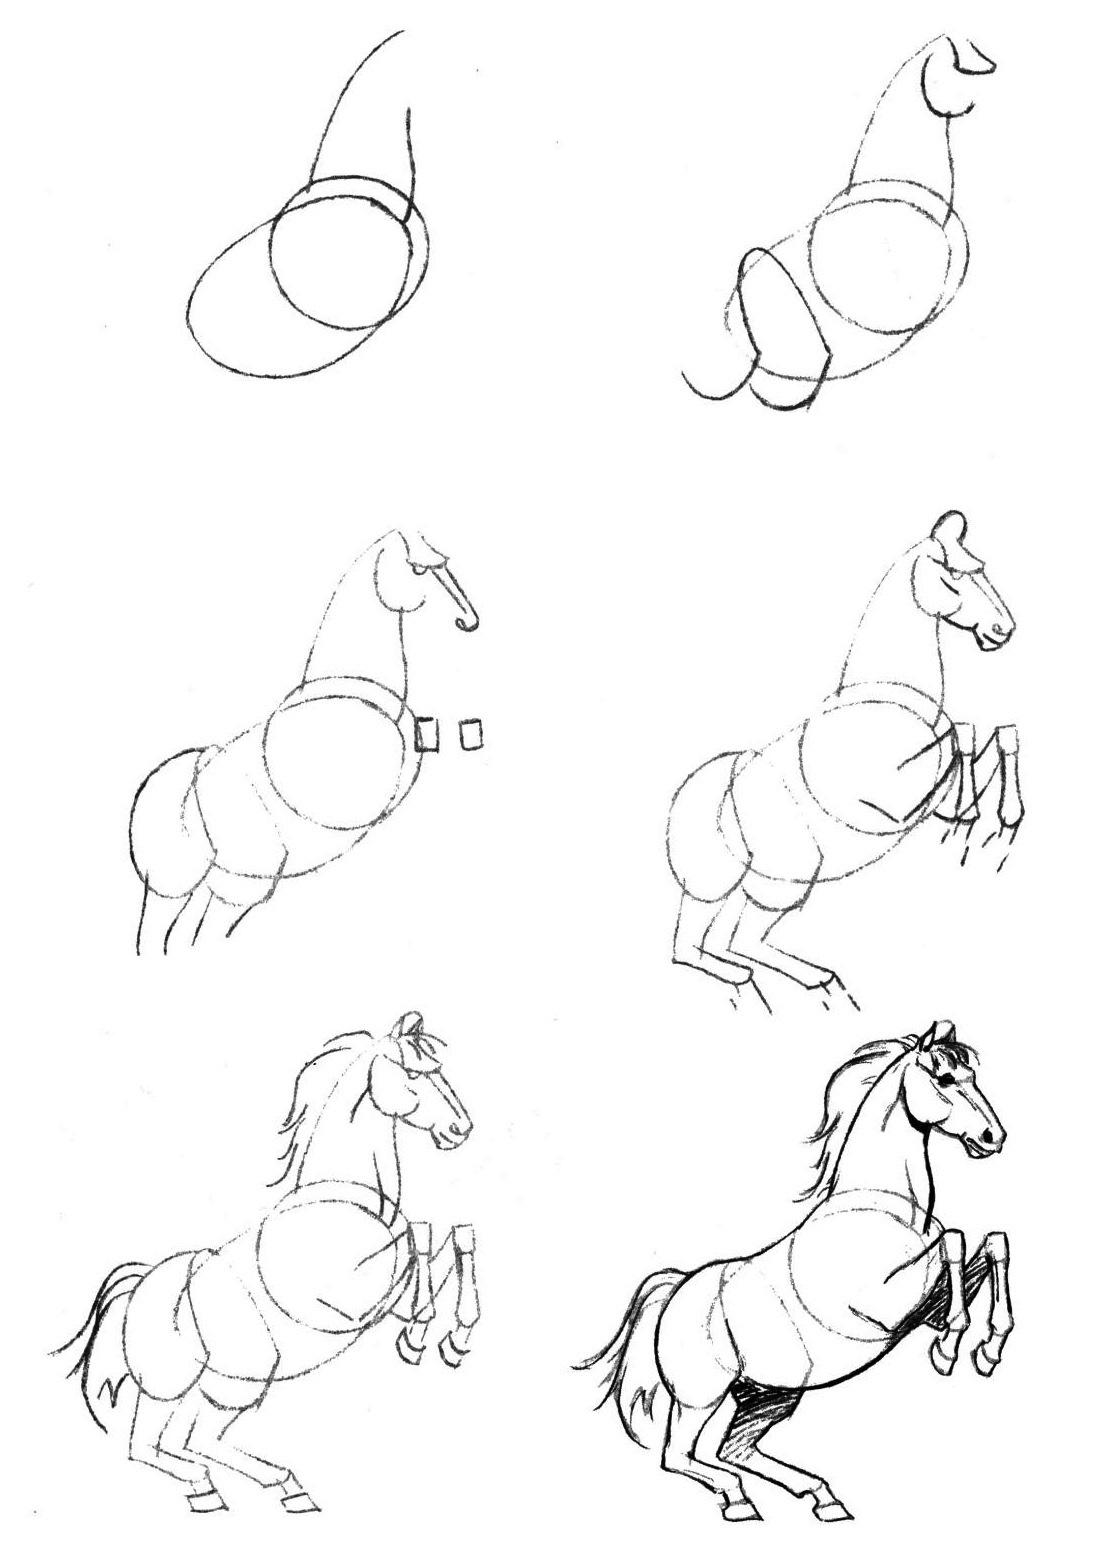 Как нарисовать коня карандашом поэтапно - уроки рисования - полезное на artsphera